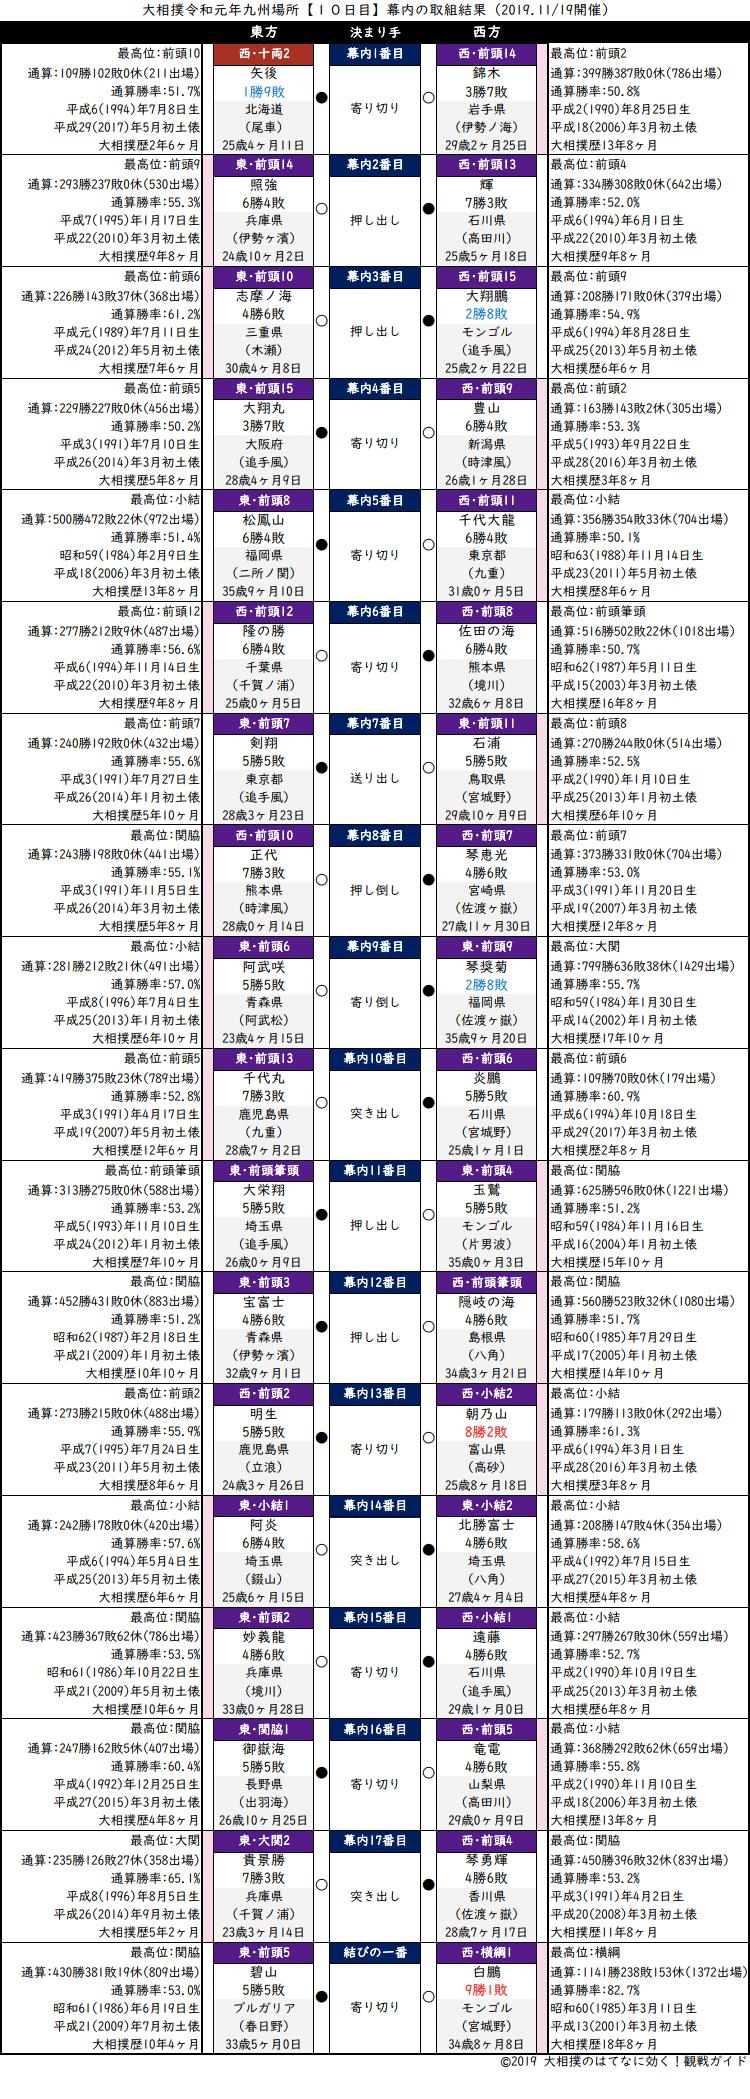 大相撲・2019年11月場所10日目・幕内の取組結果